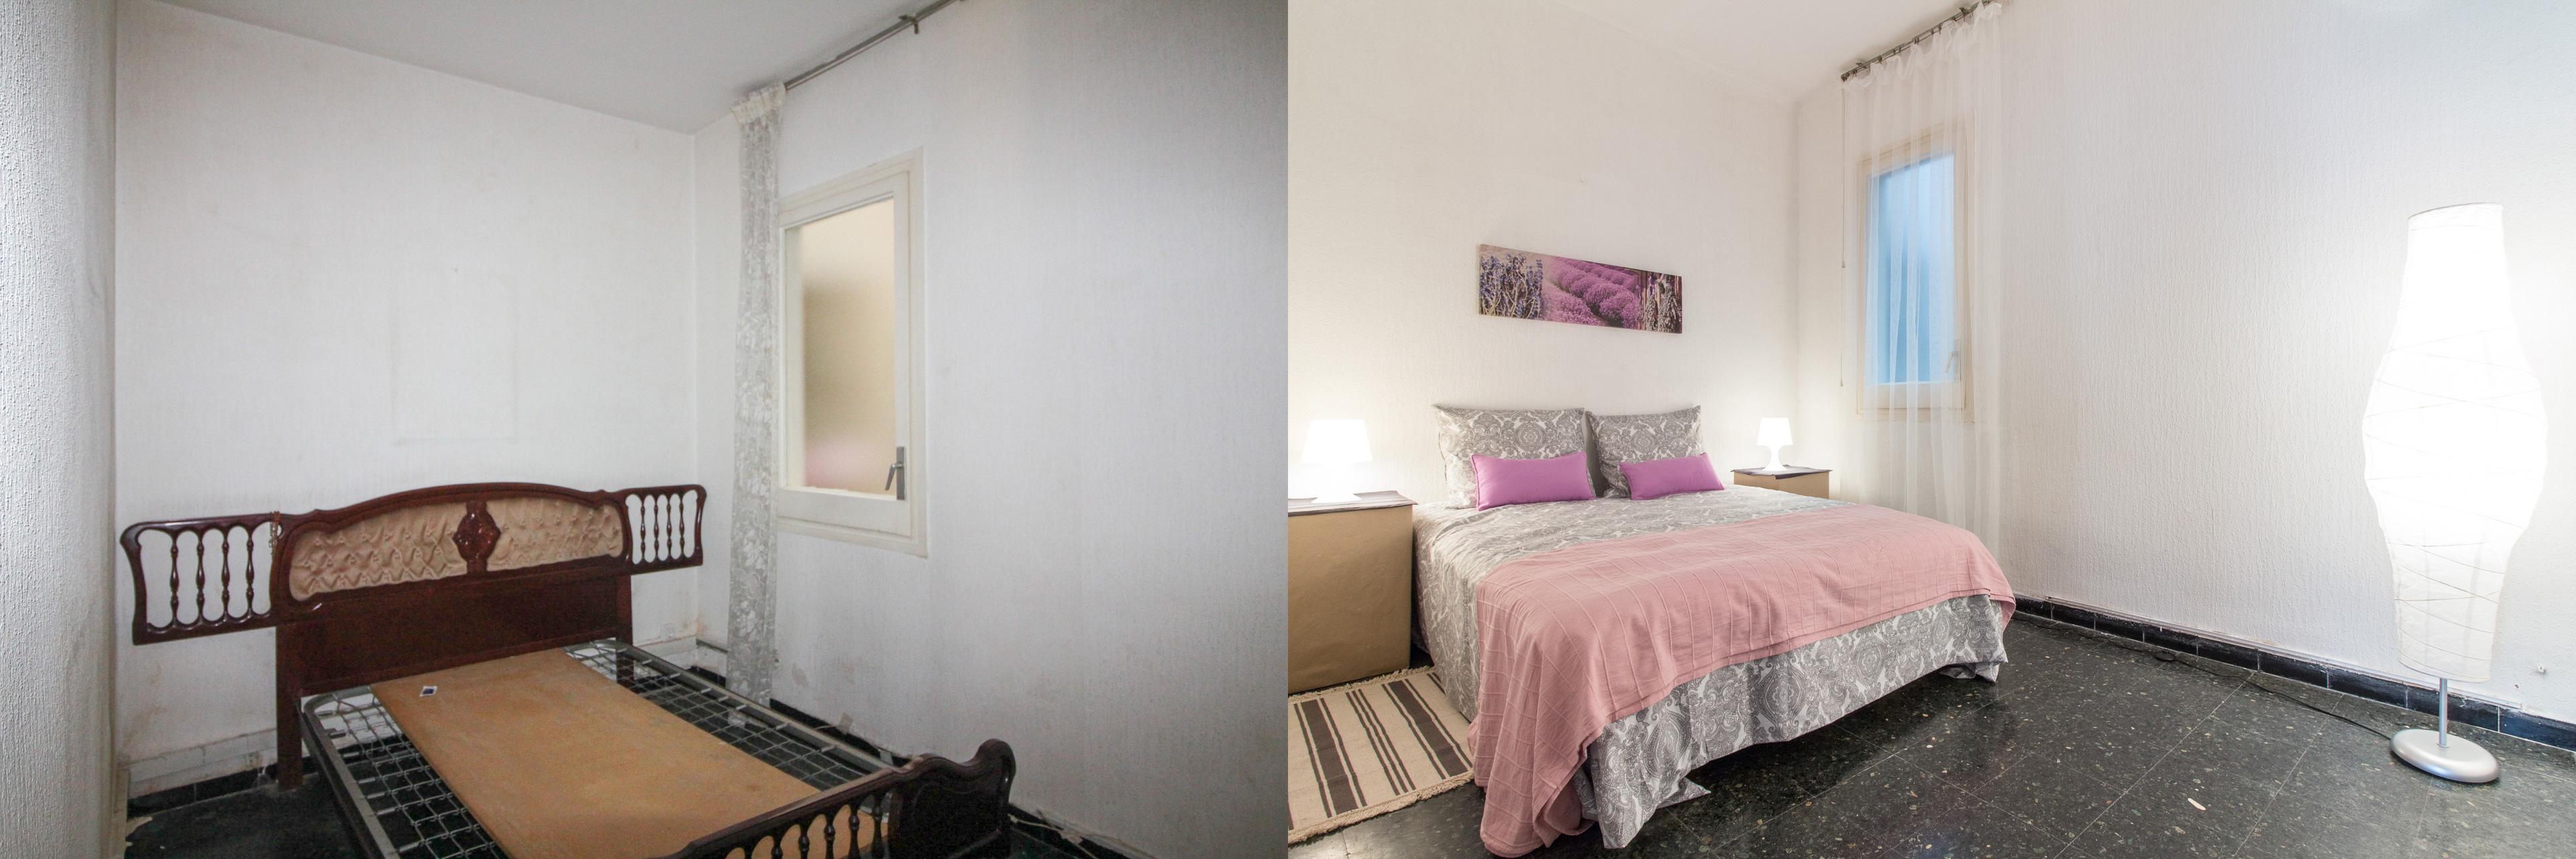 Home staging barcelona dormitorio